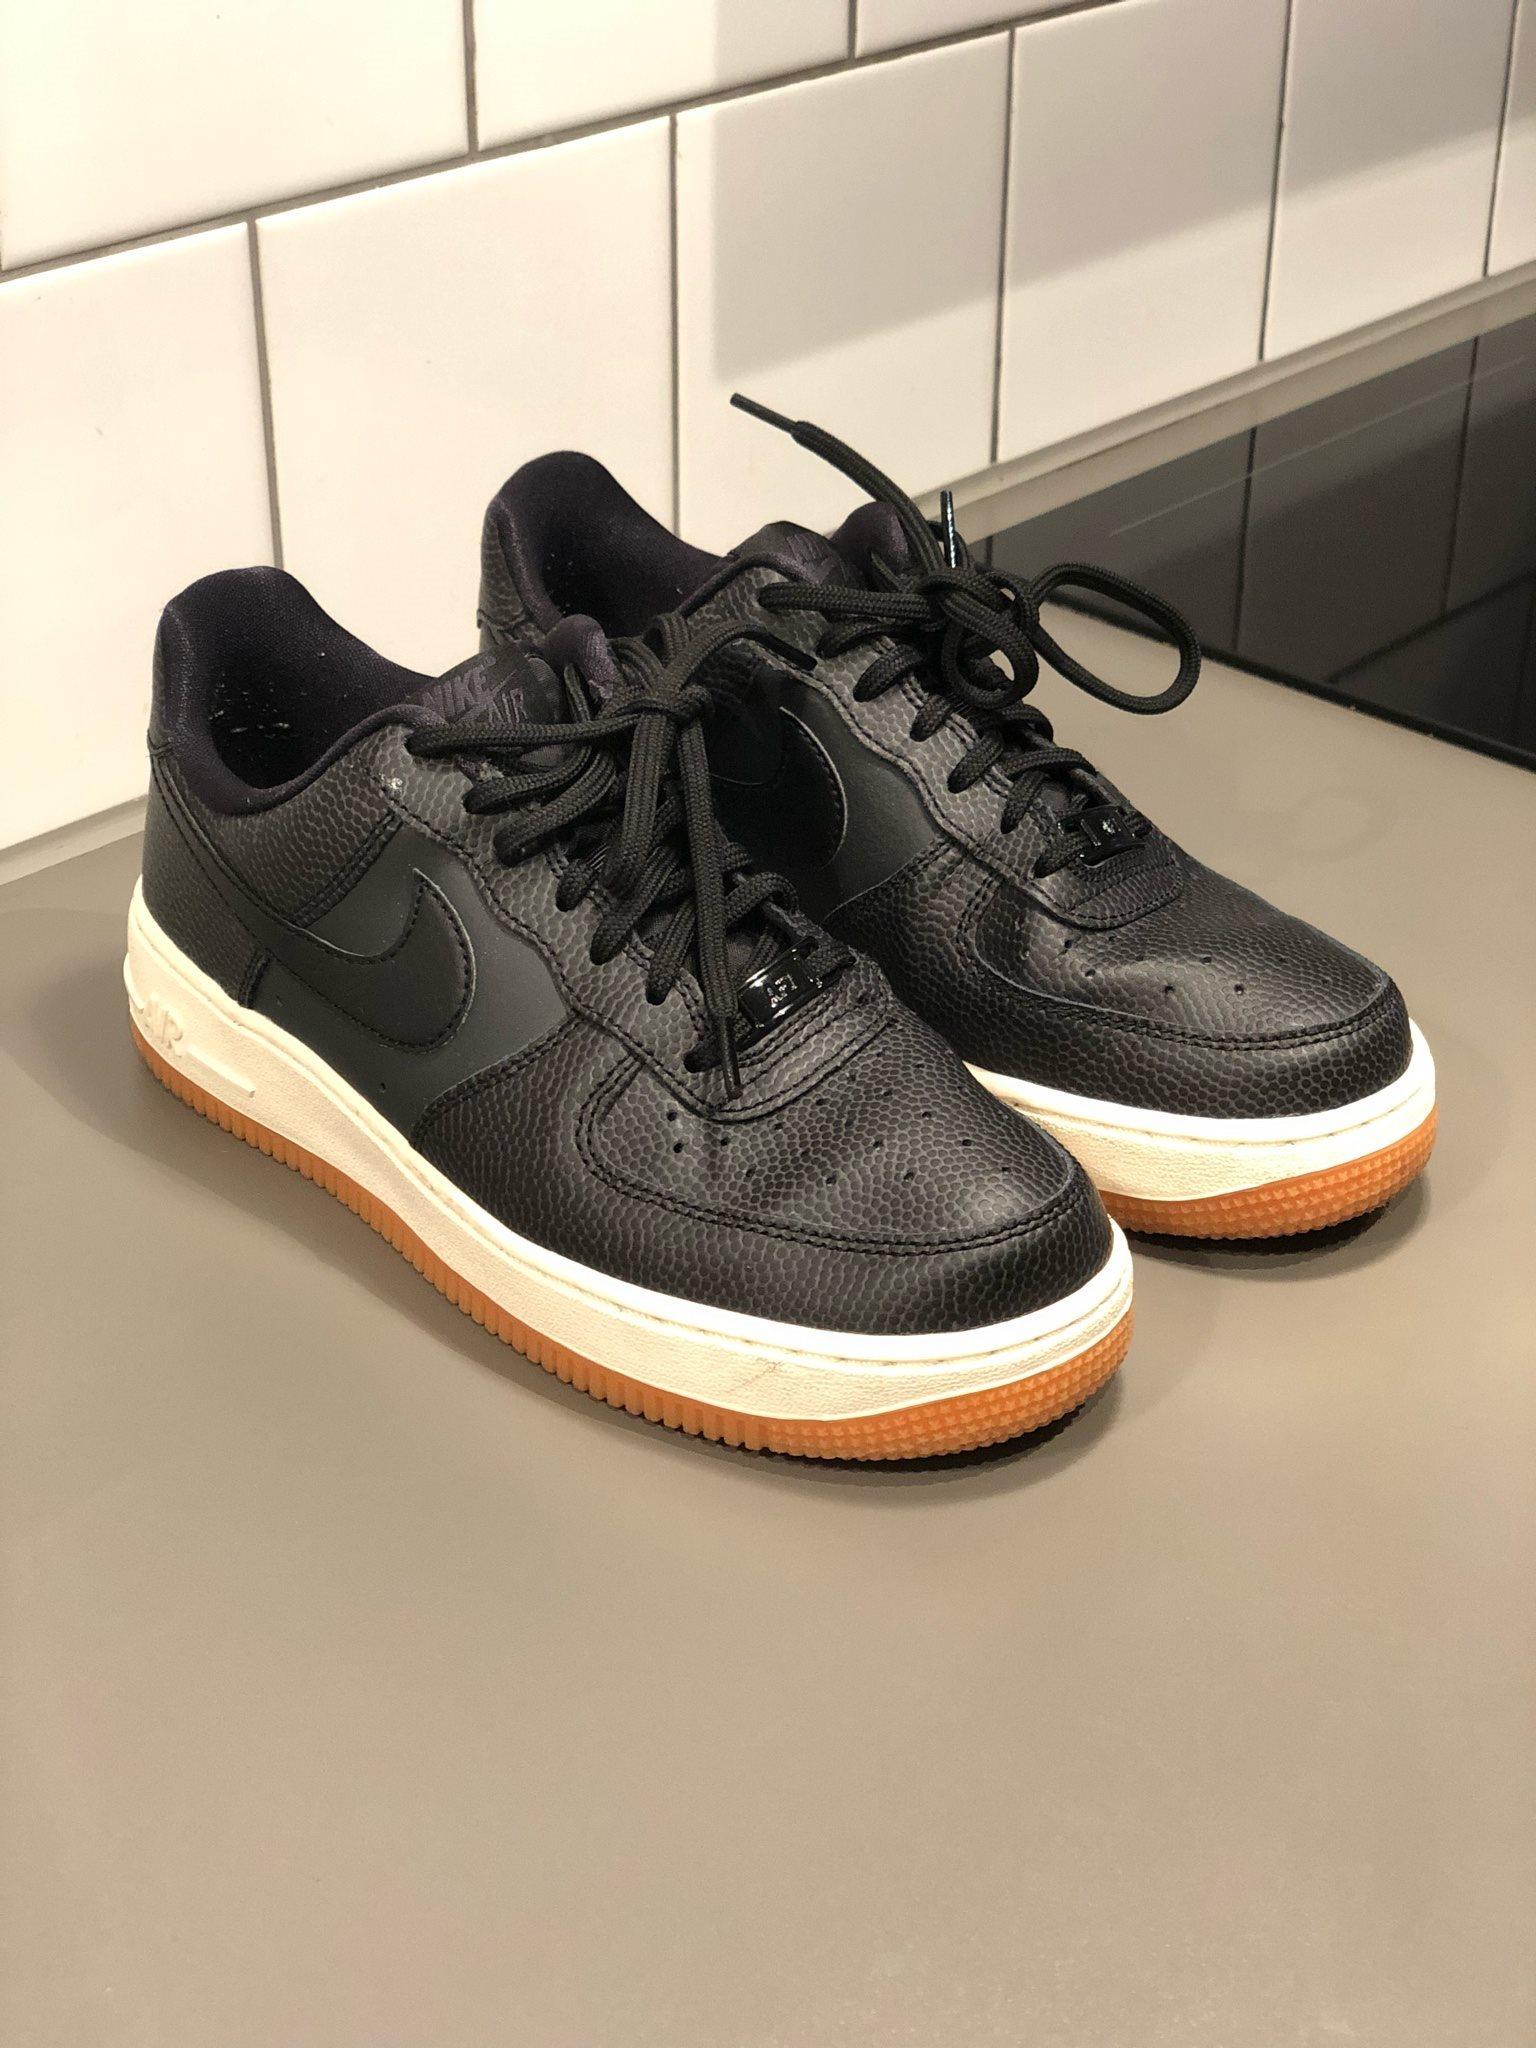 on sale 45b13 e982c NYA sneakers Nike black air force dam 38,5